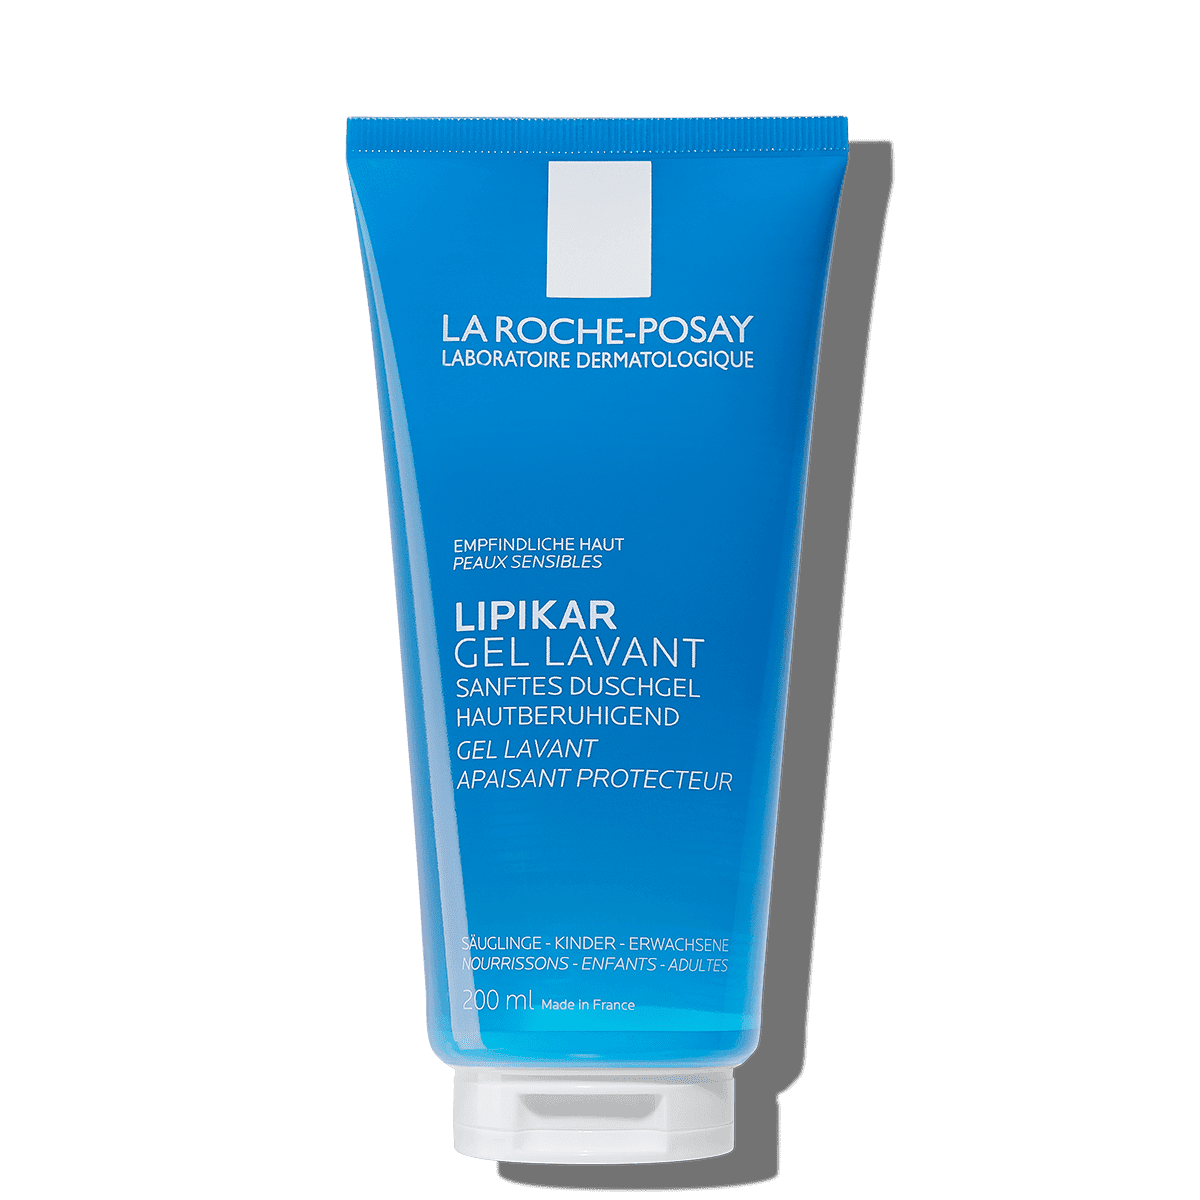 La Roche Posay Body Cleanser Lipikar Gel Lavant 200ml 3337872418778 Fr